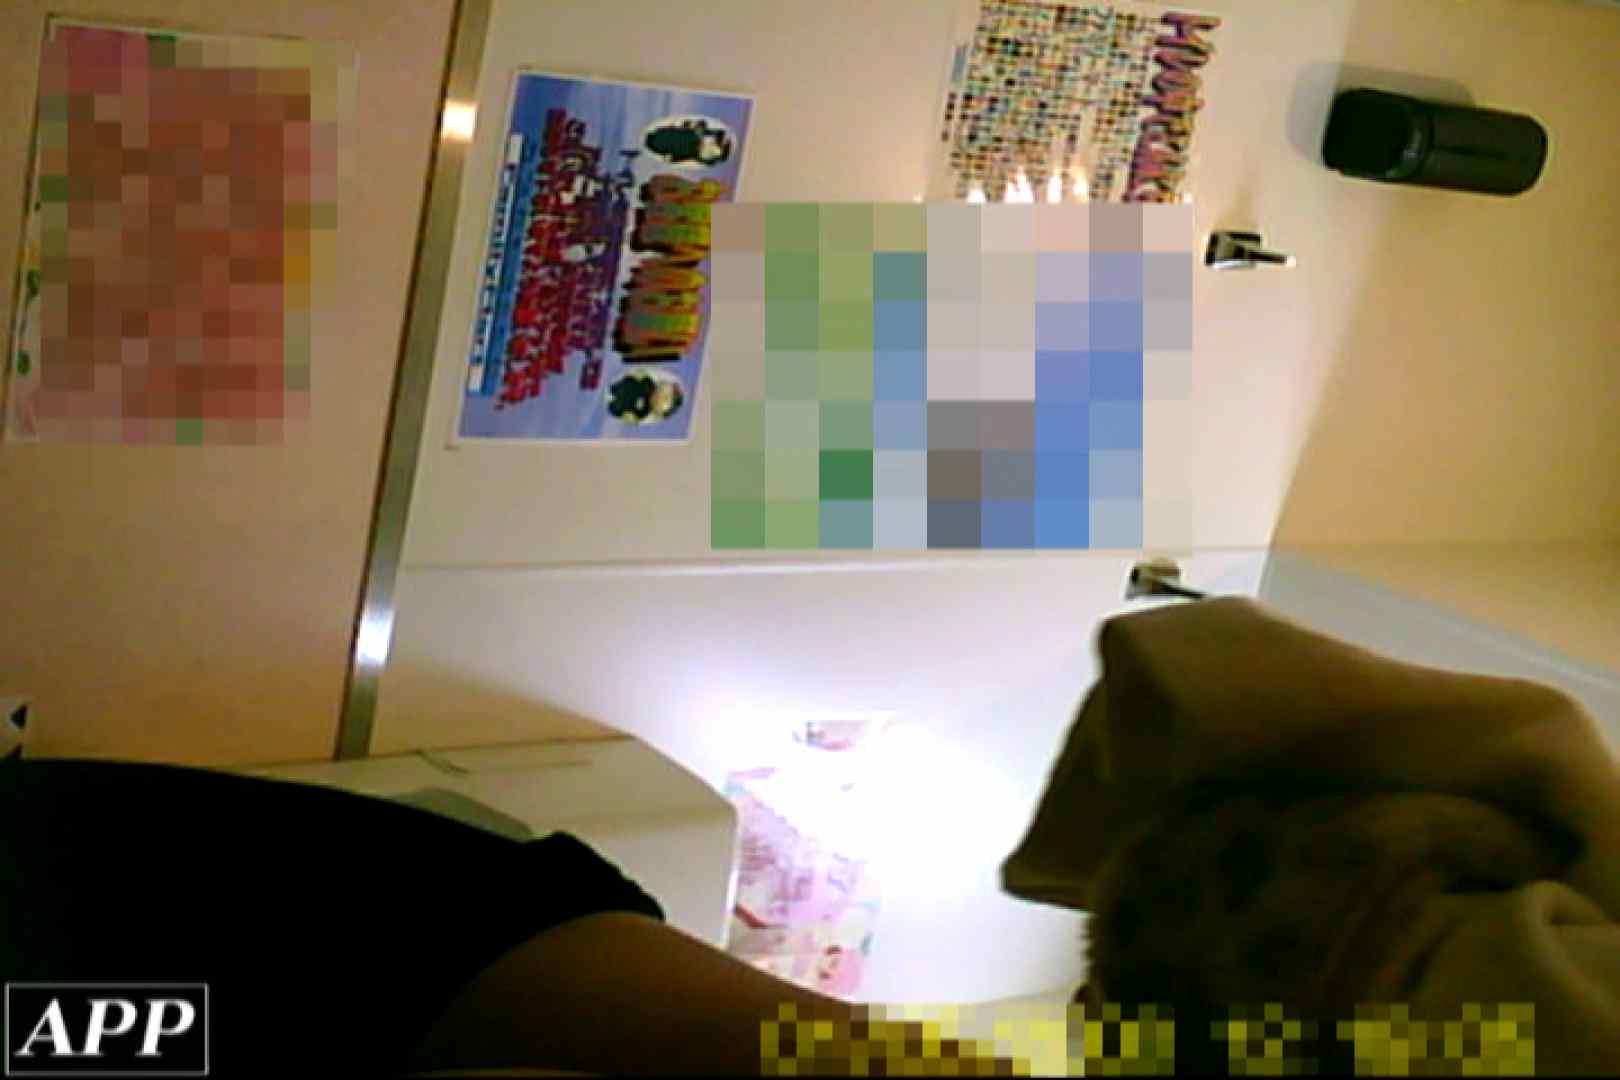 3視点洗面所 vol.37 洗面所シーン オメコ無修正動画無料 102画像 31